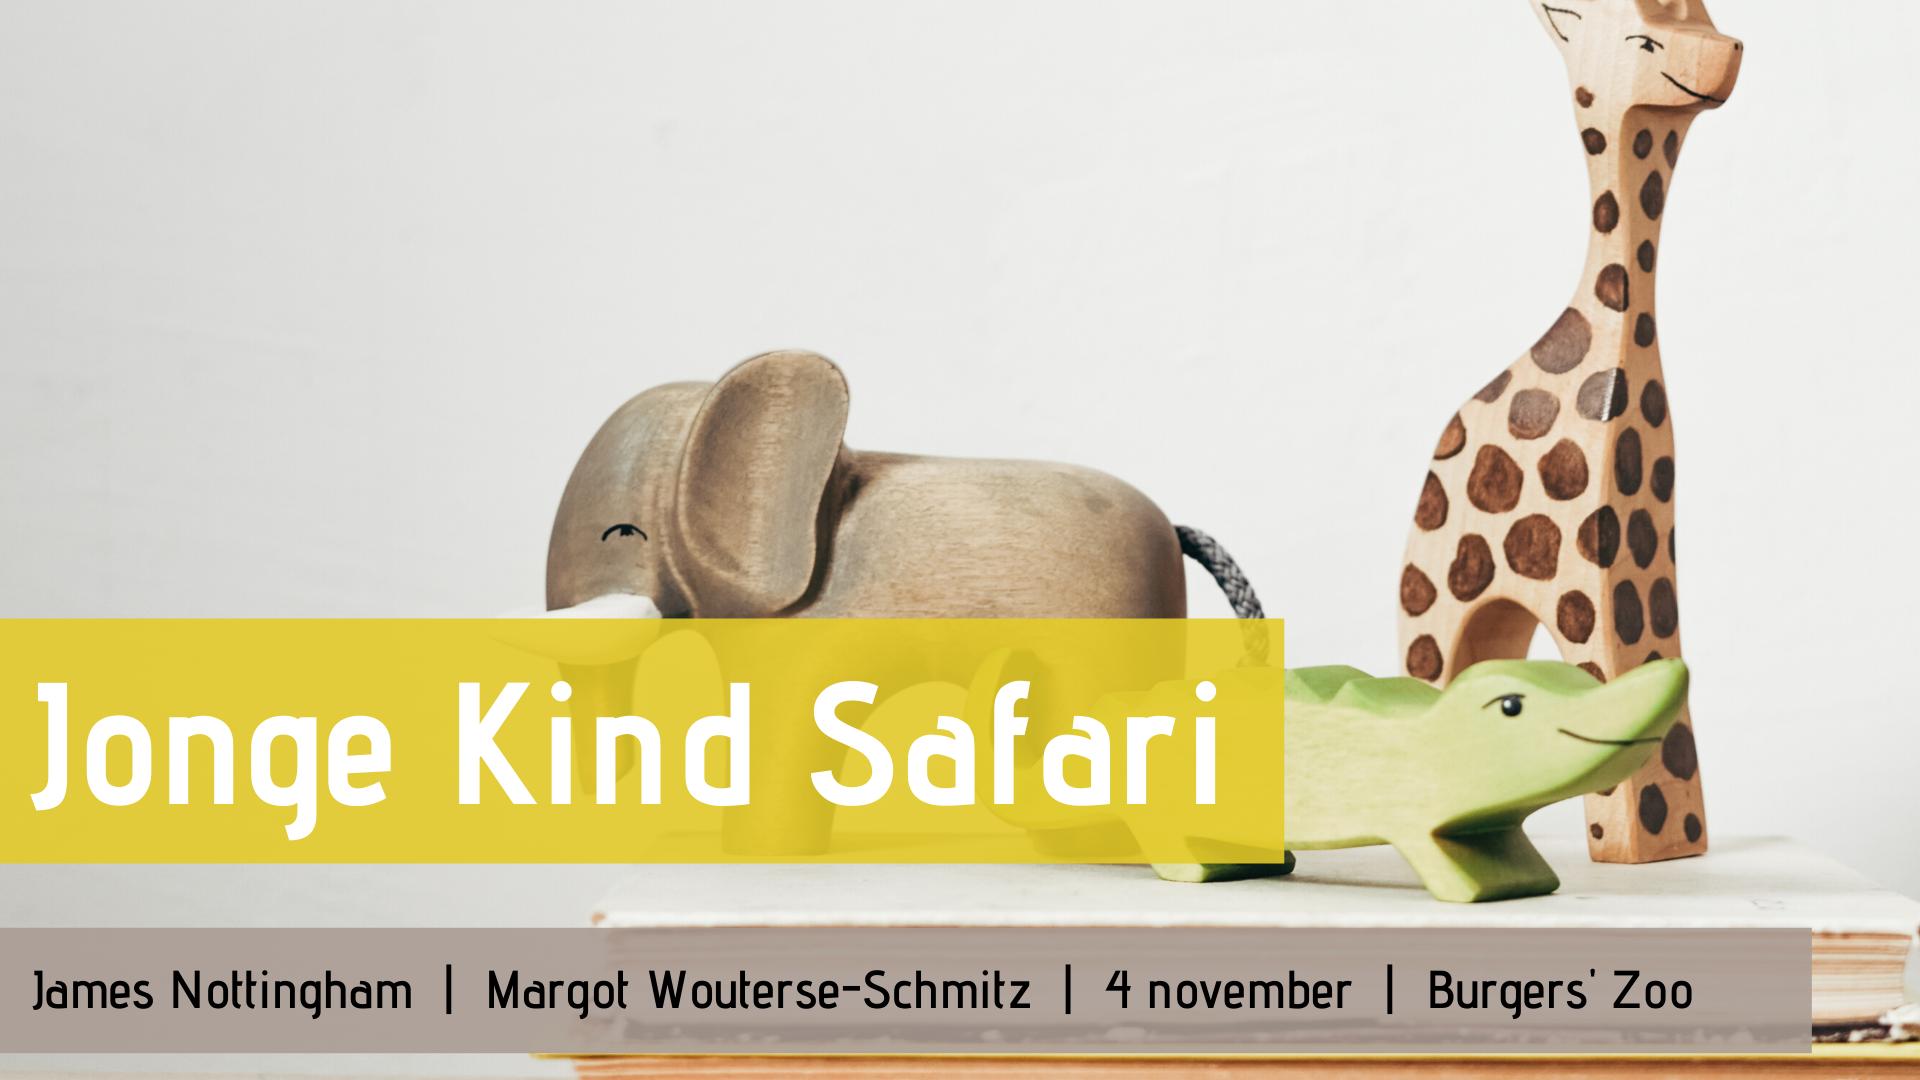 jonge kind safari